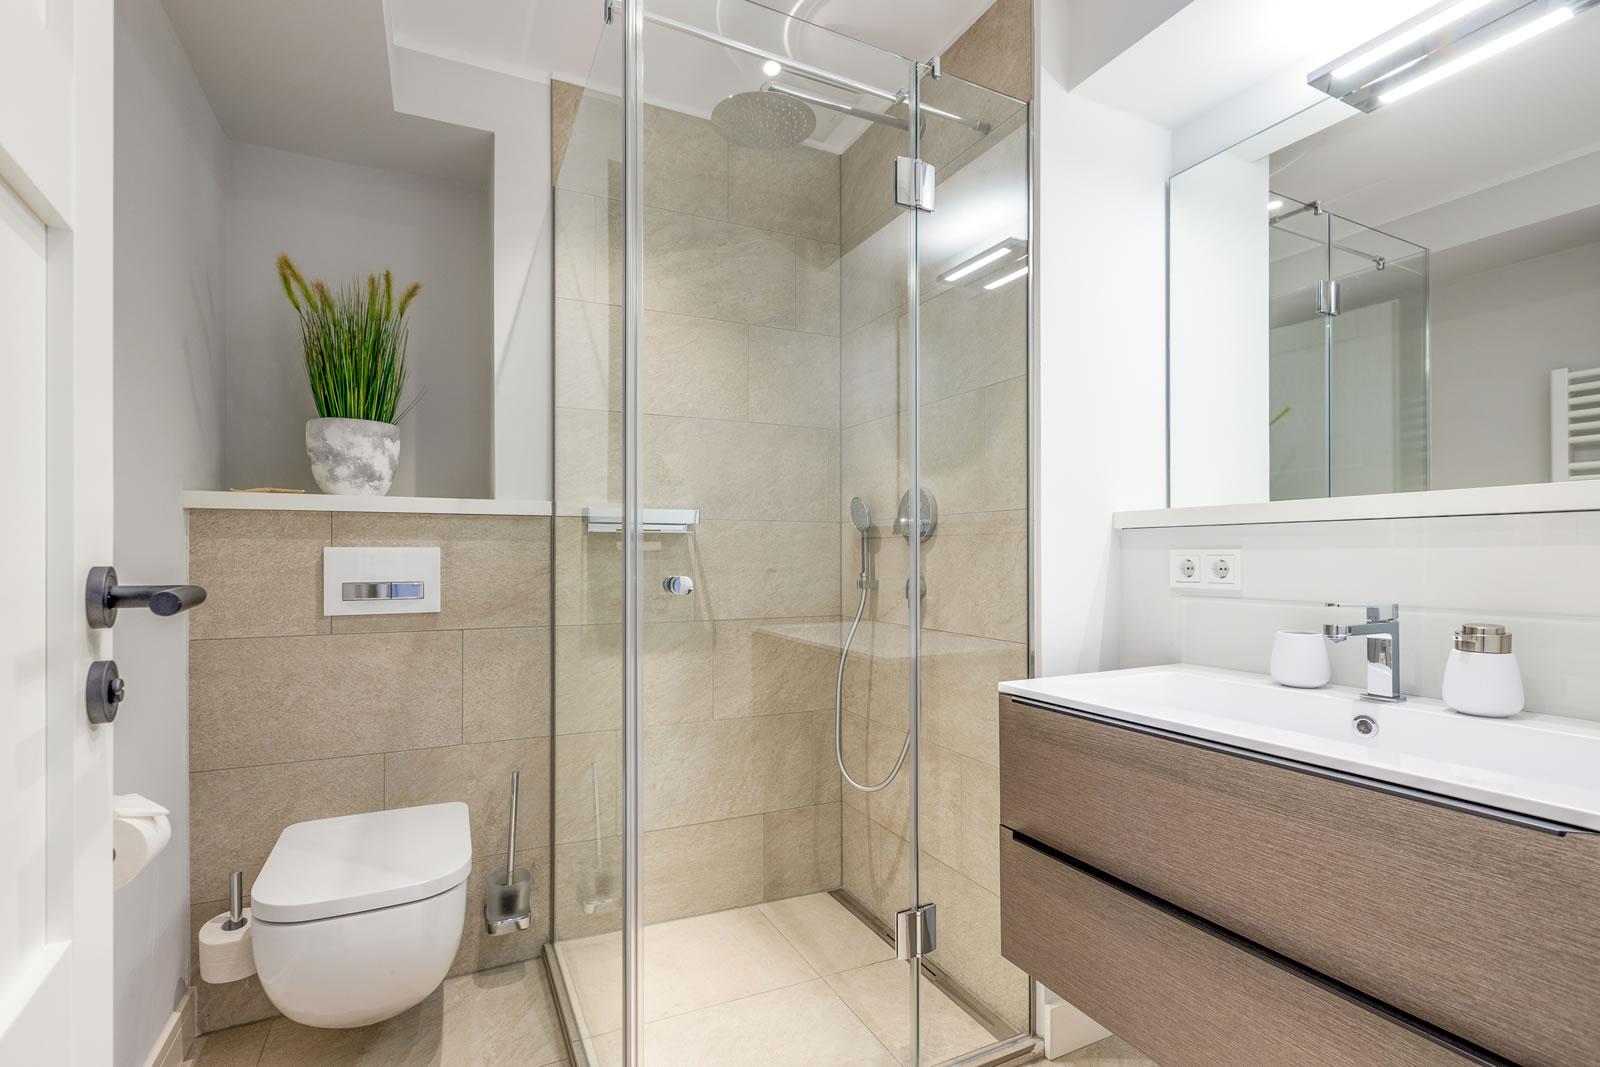 Sylter Stadtperle Wohnung Seepferdchen modernes Bad